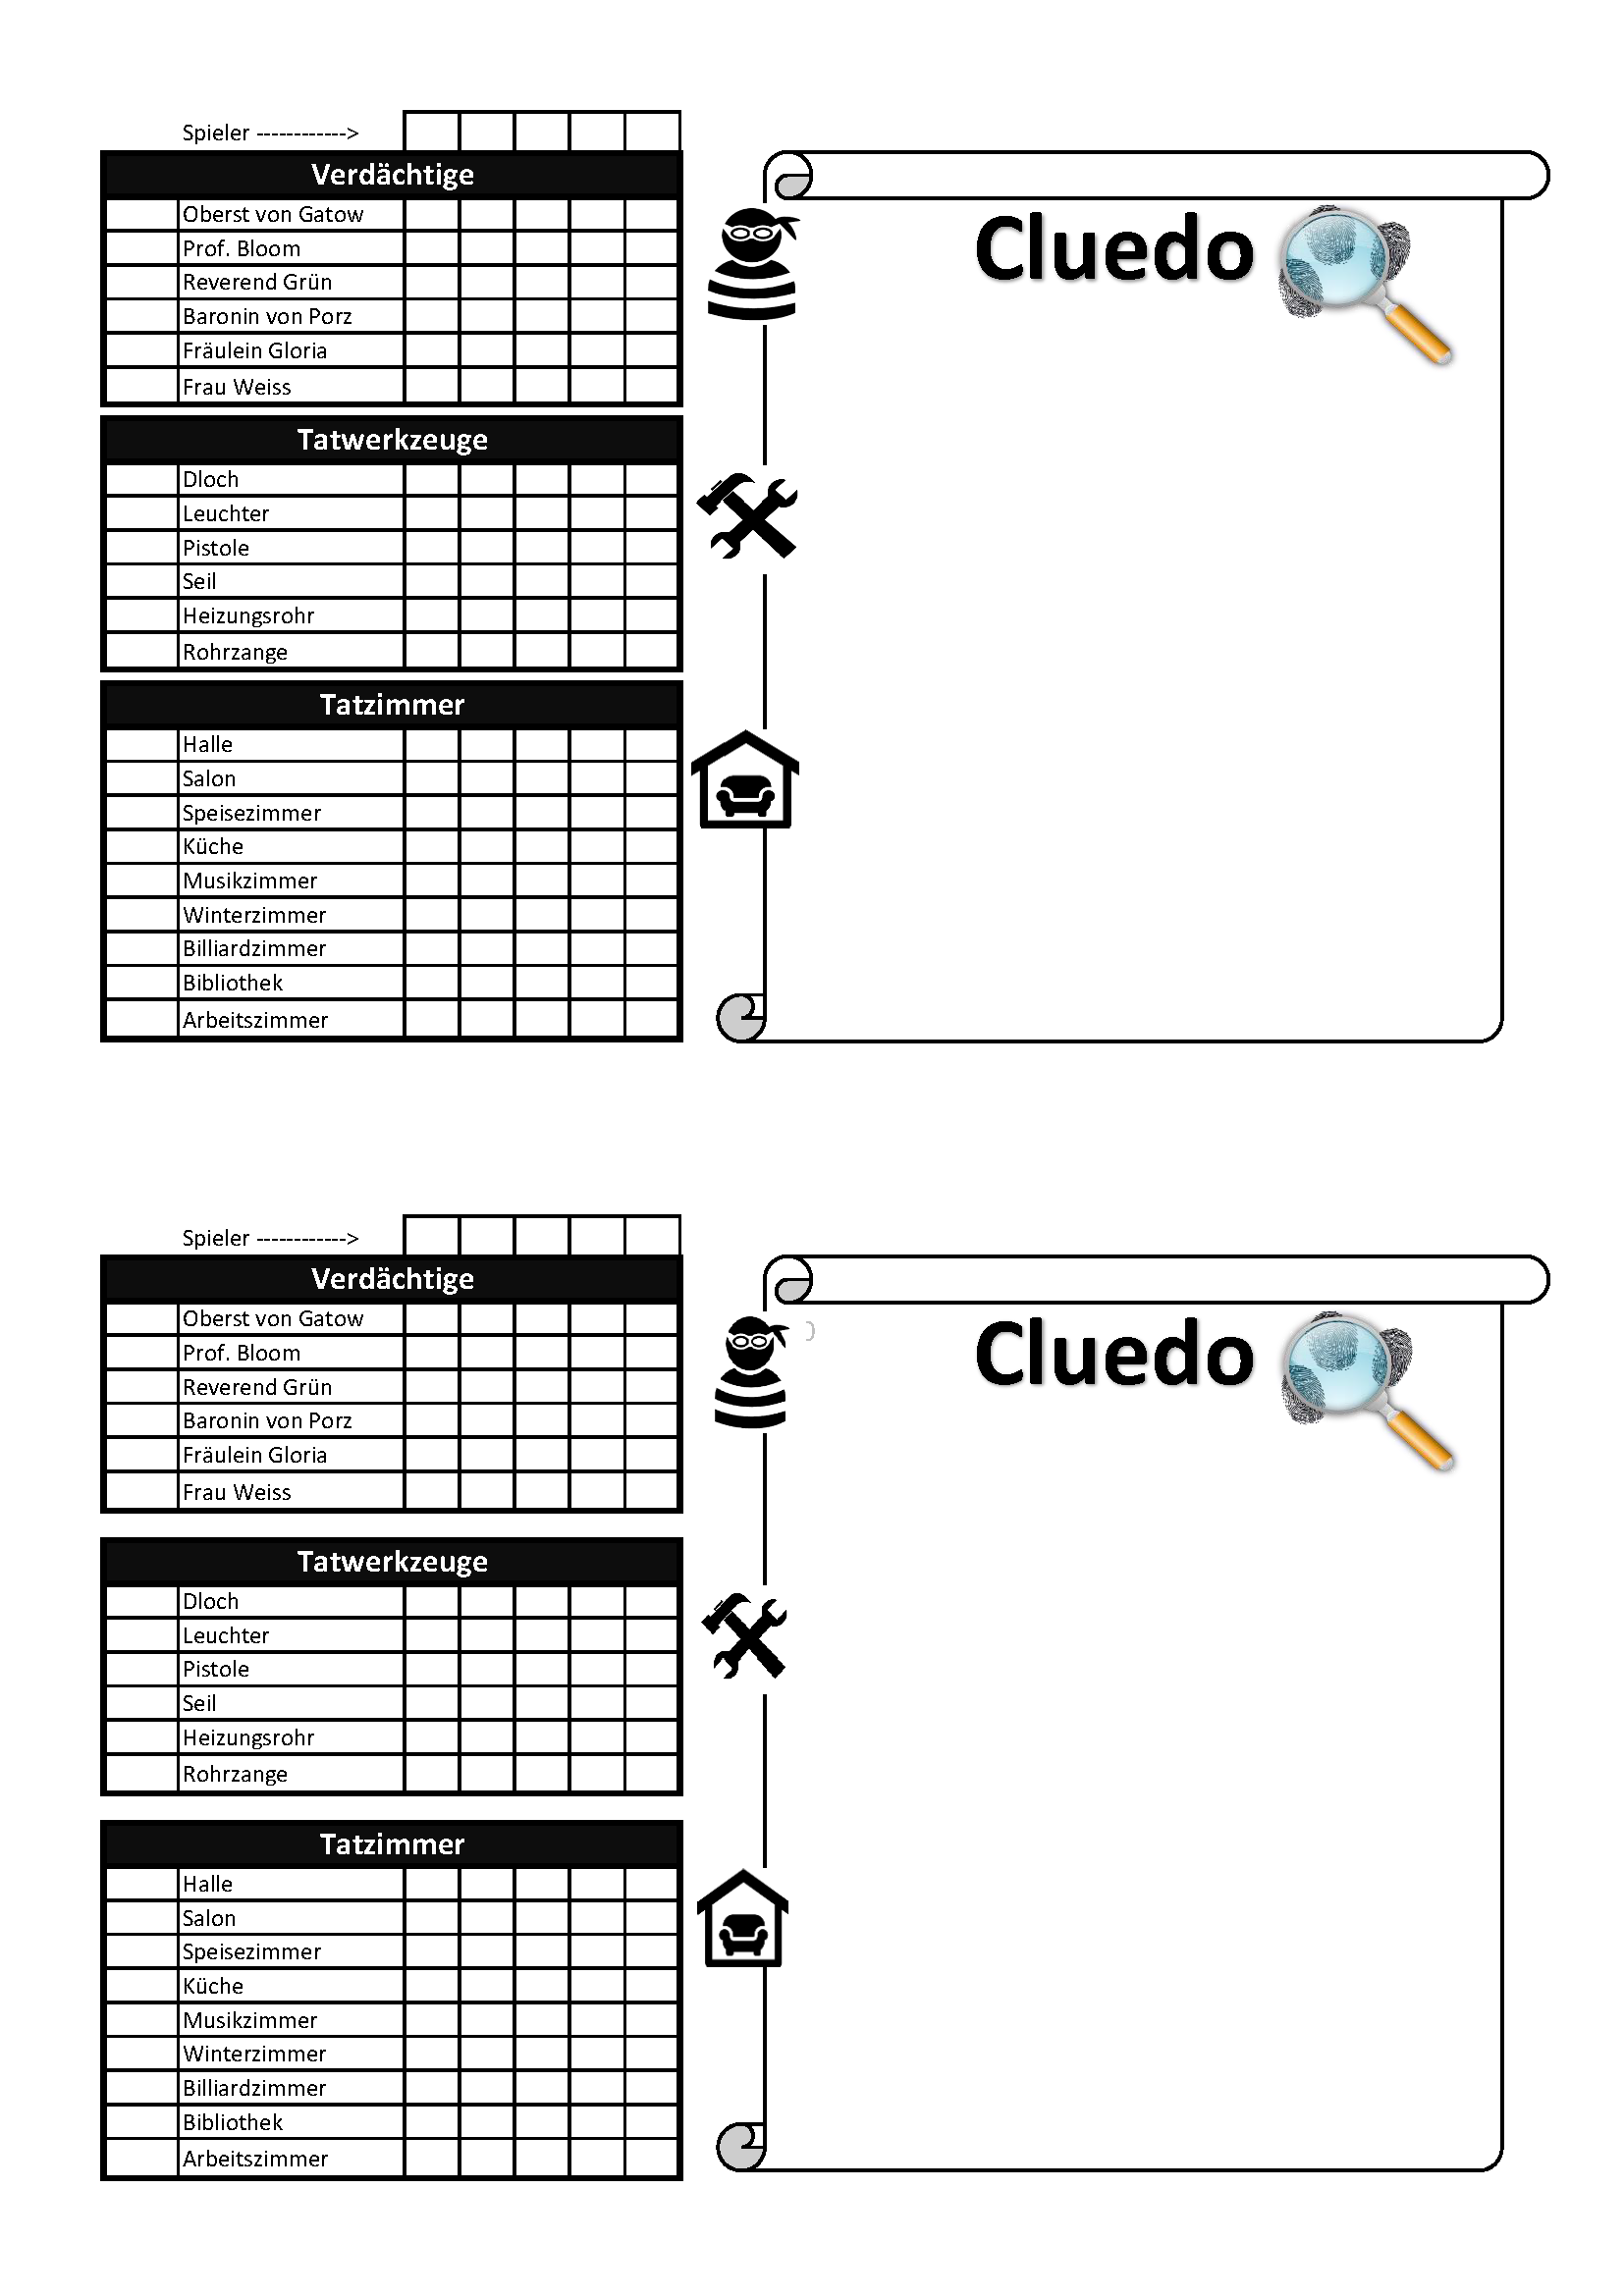 Cluedo Notizblock Pdf